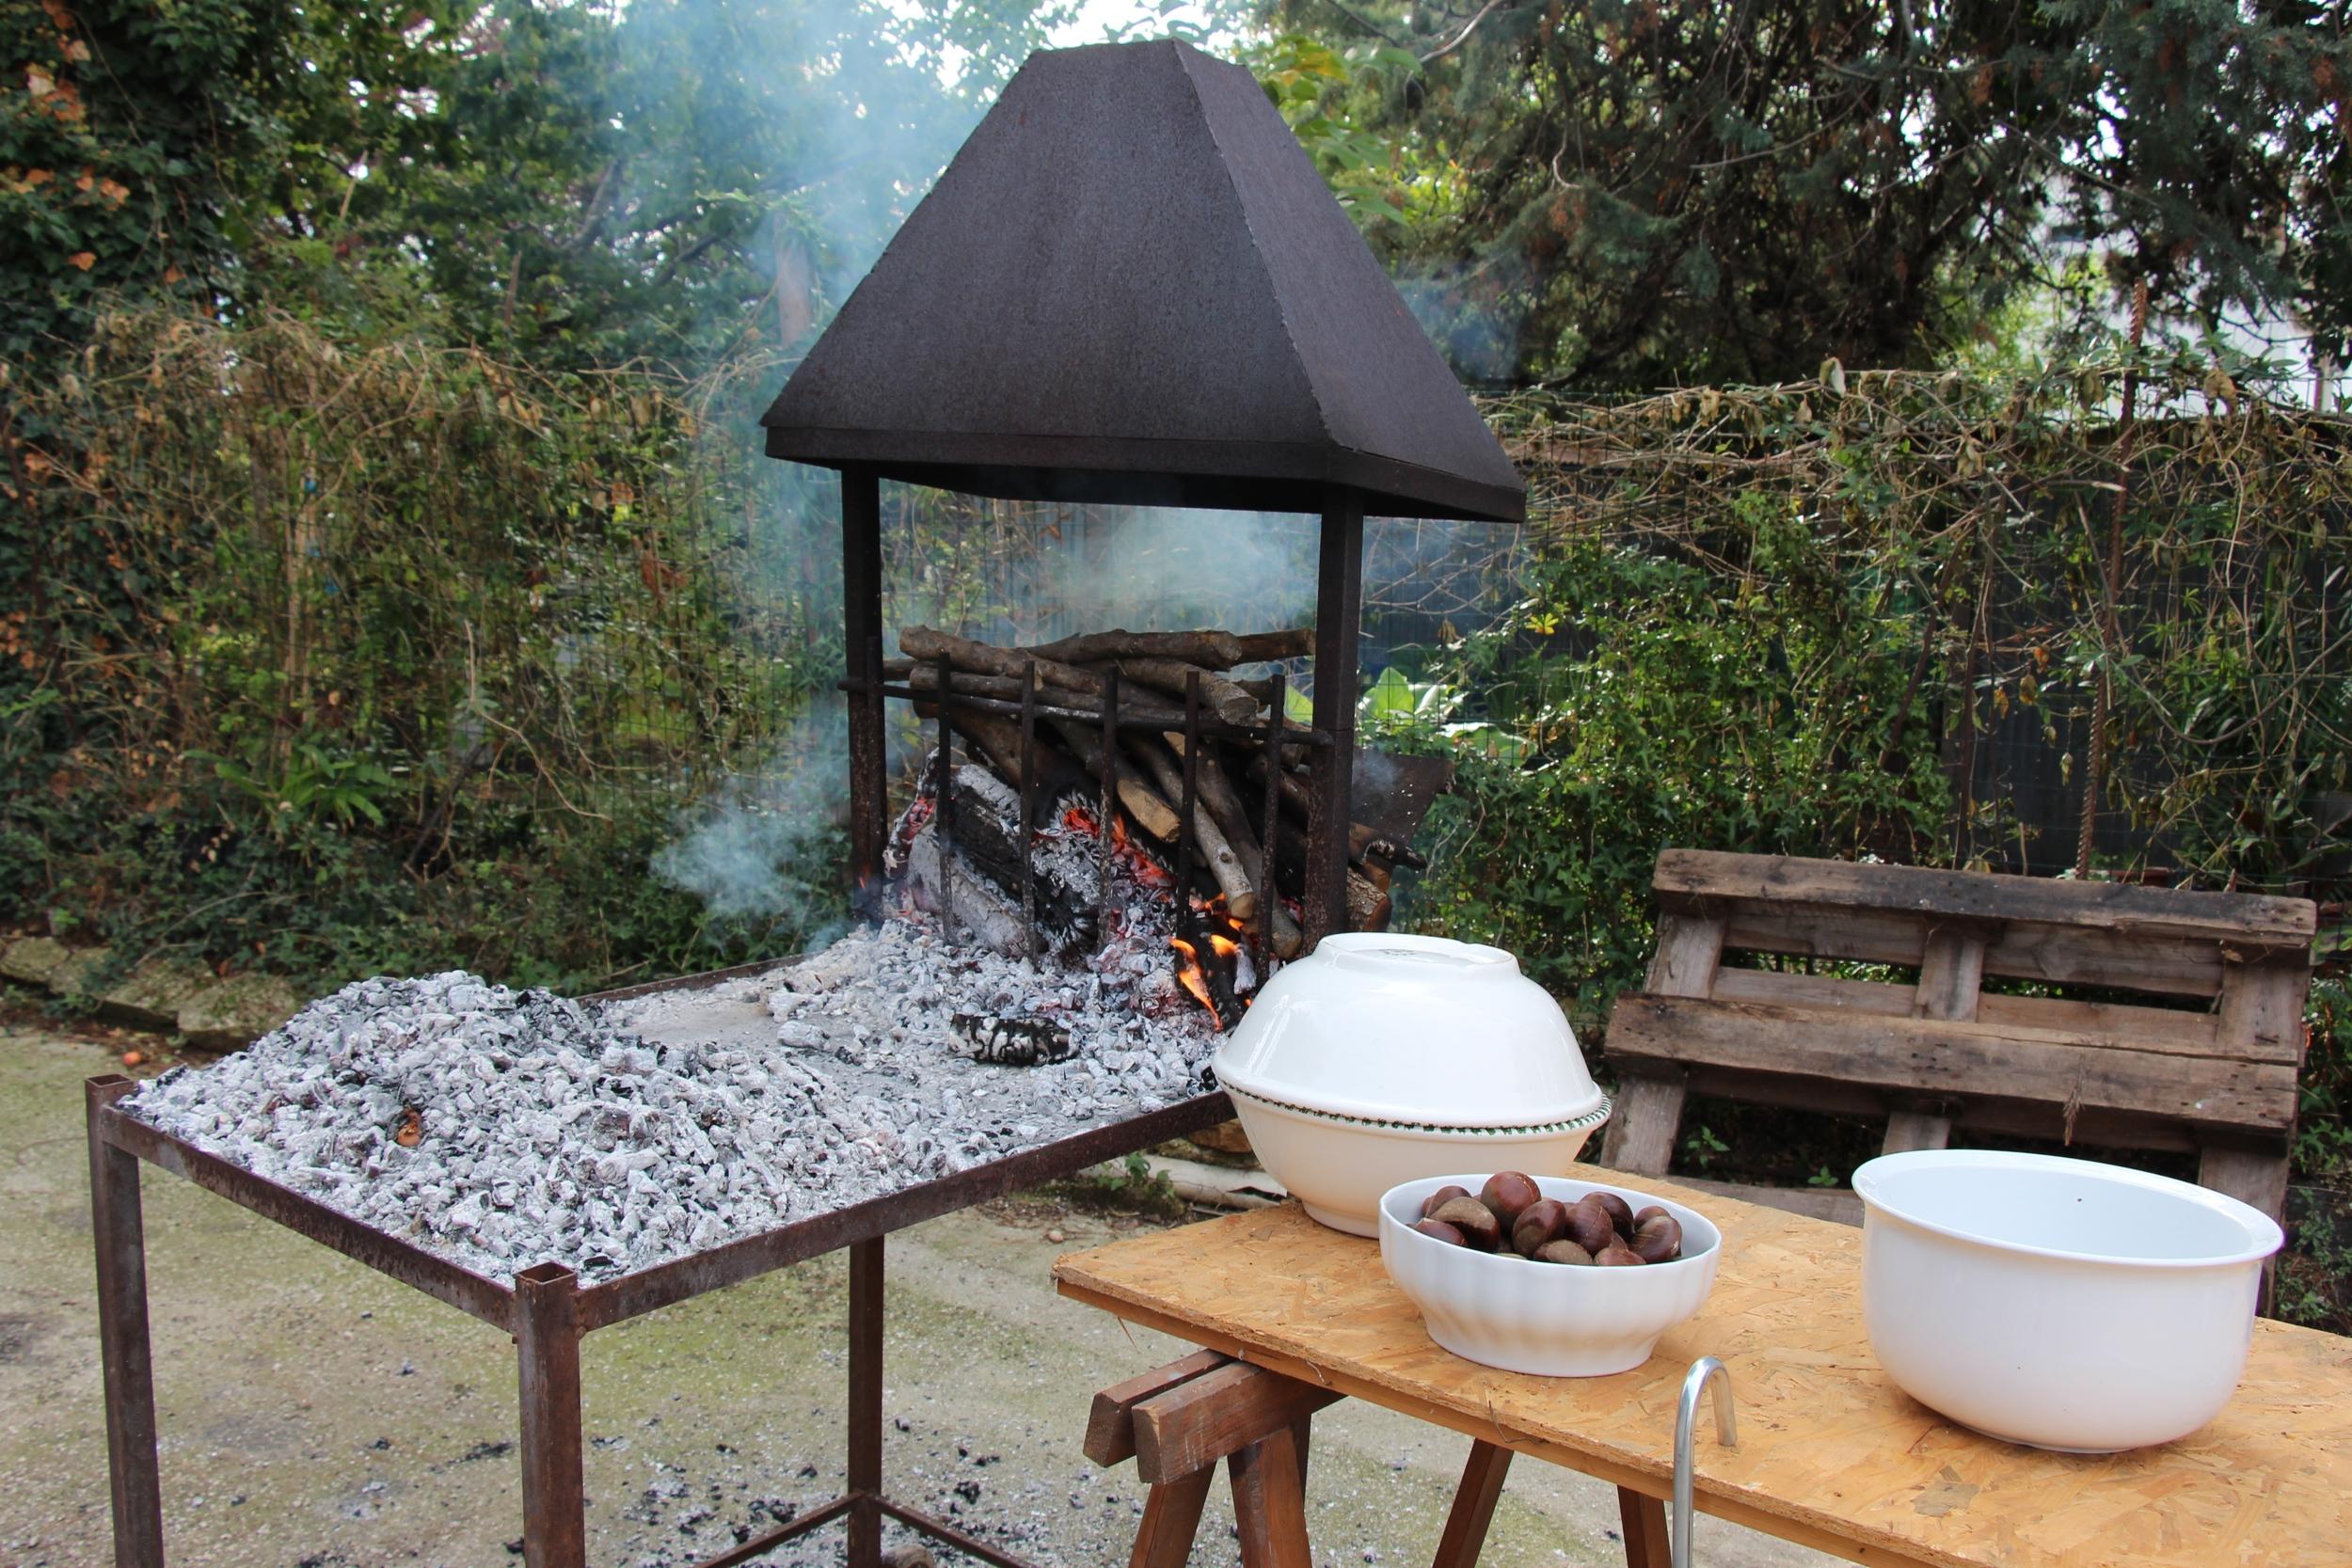 Wood Grill, Frantoio Cipolloni, Foligno, Italy